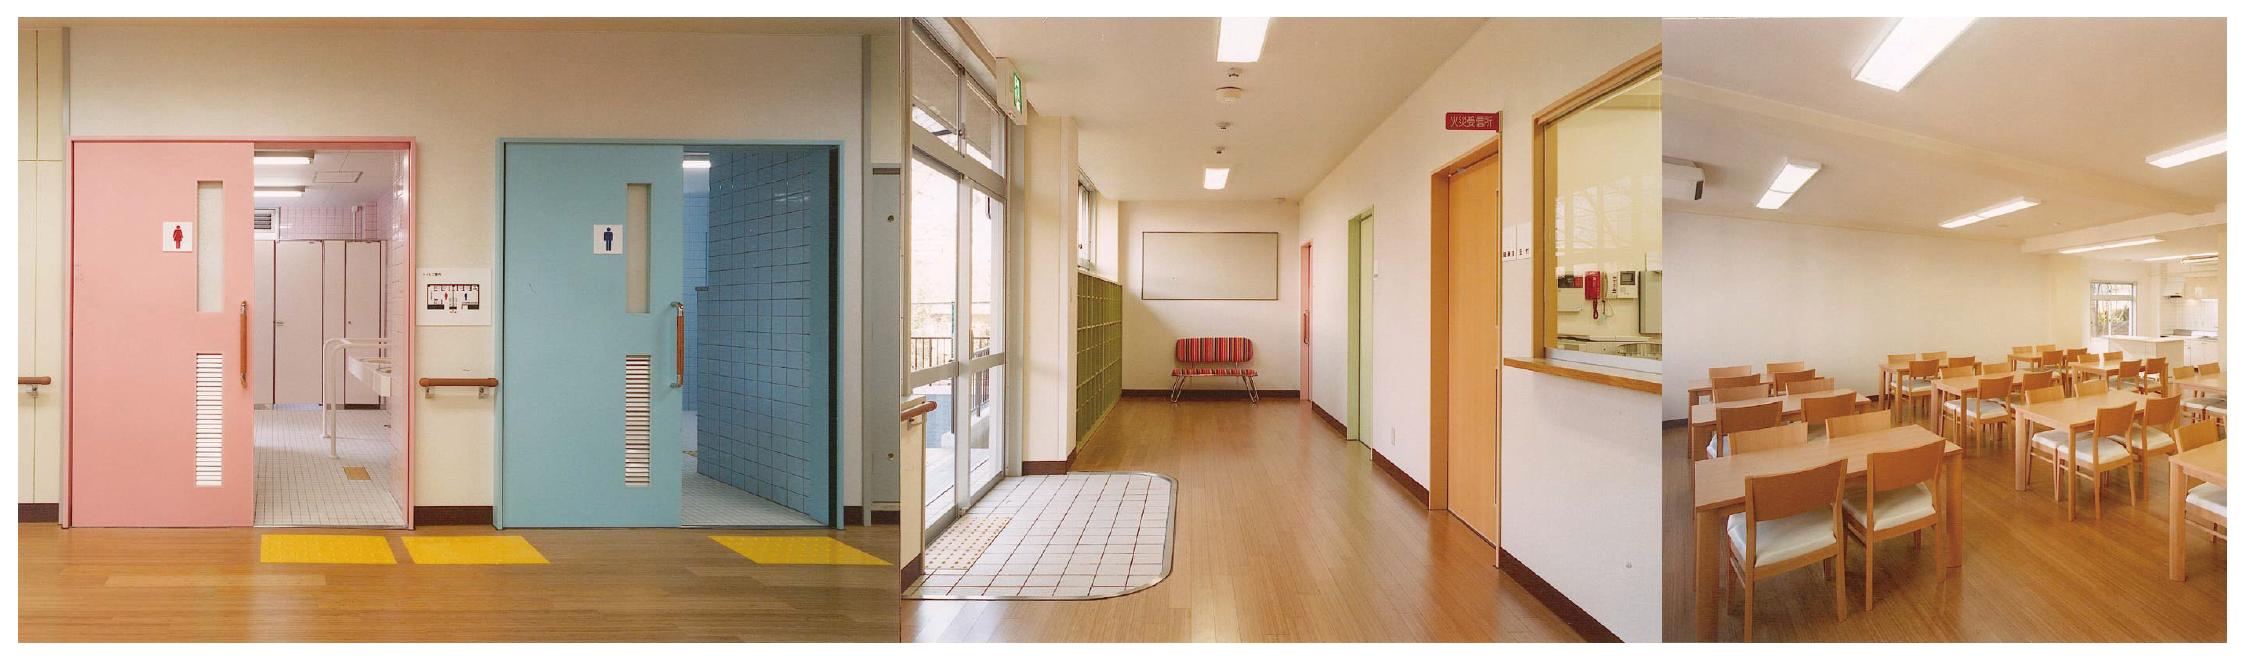 小学校の空き教室利活用で授産施設を。